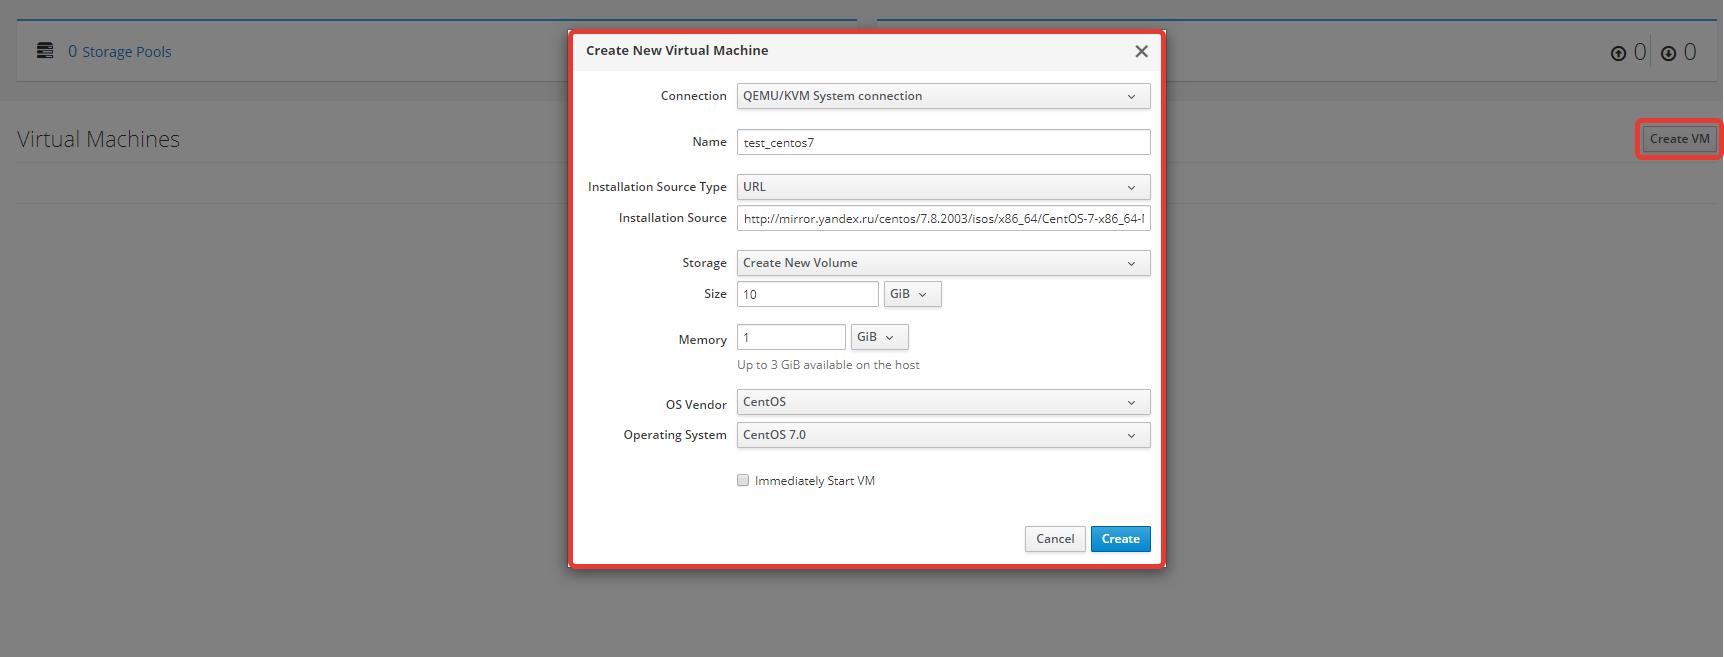 создать новую виртуальную машину KVM через cockpit